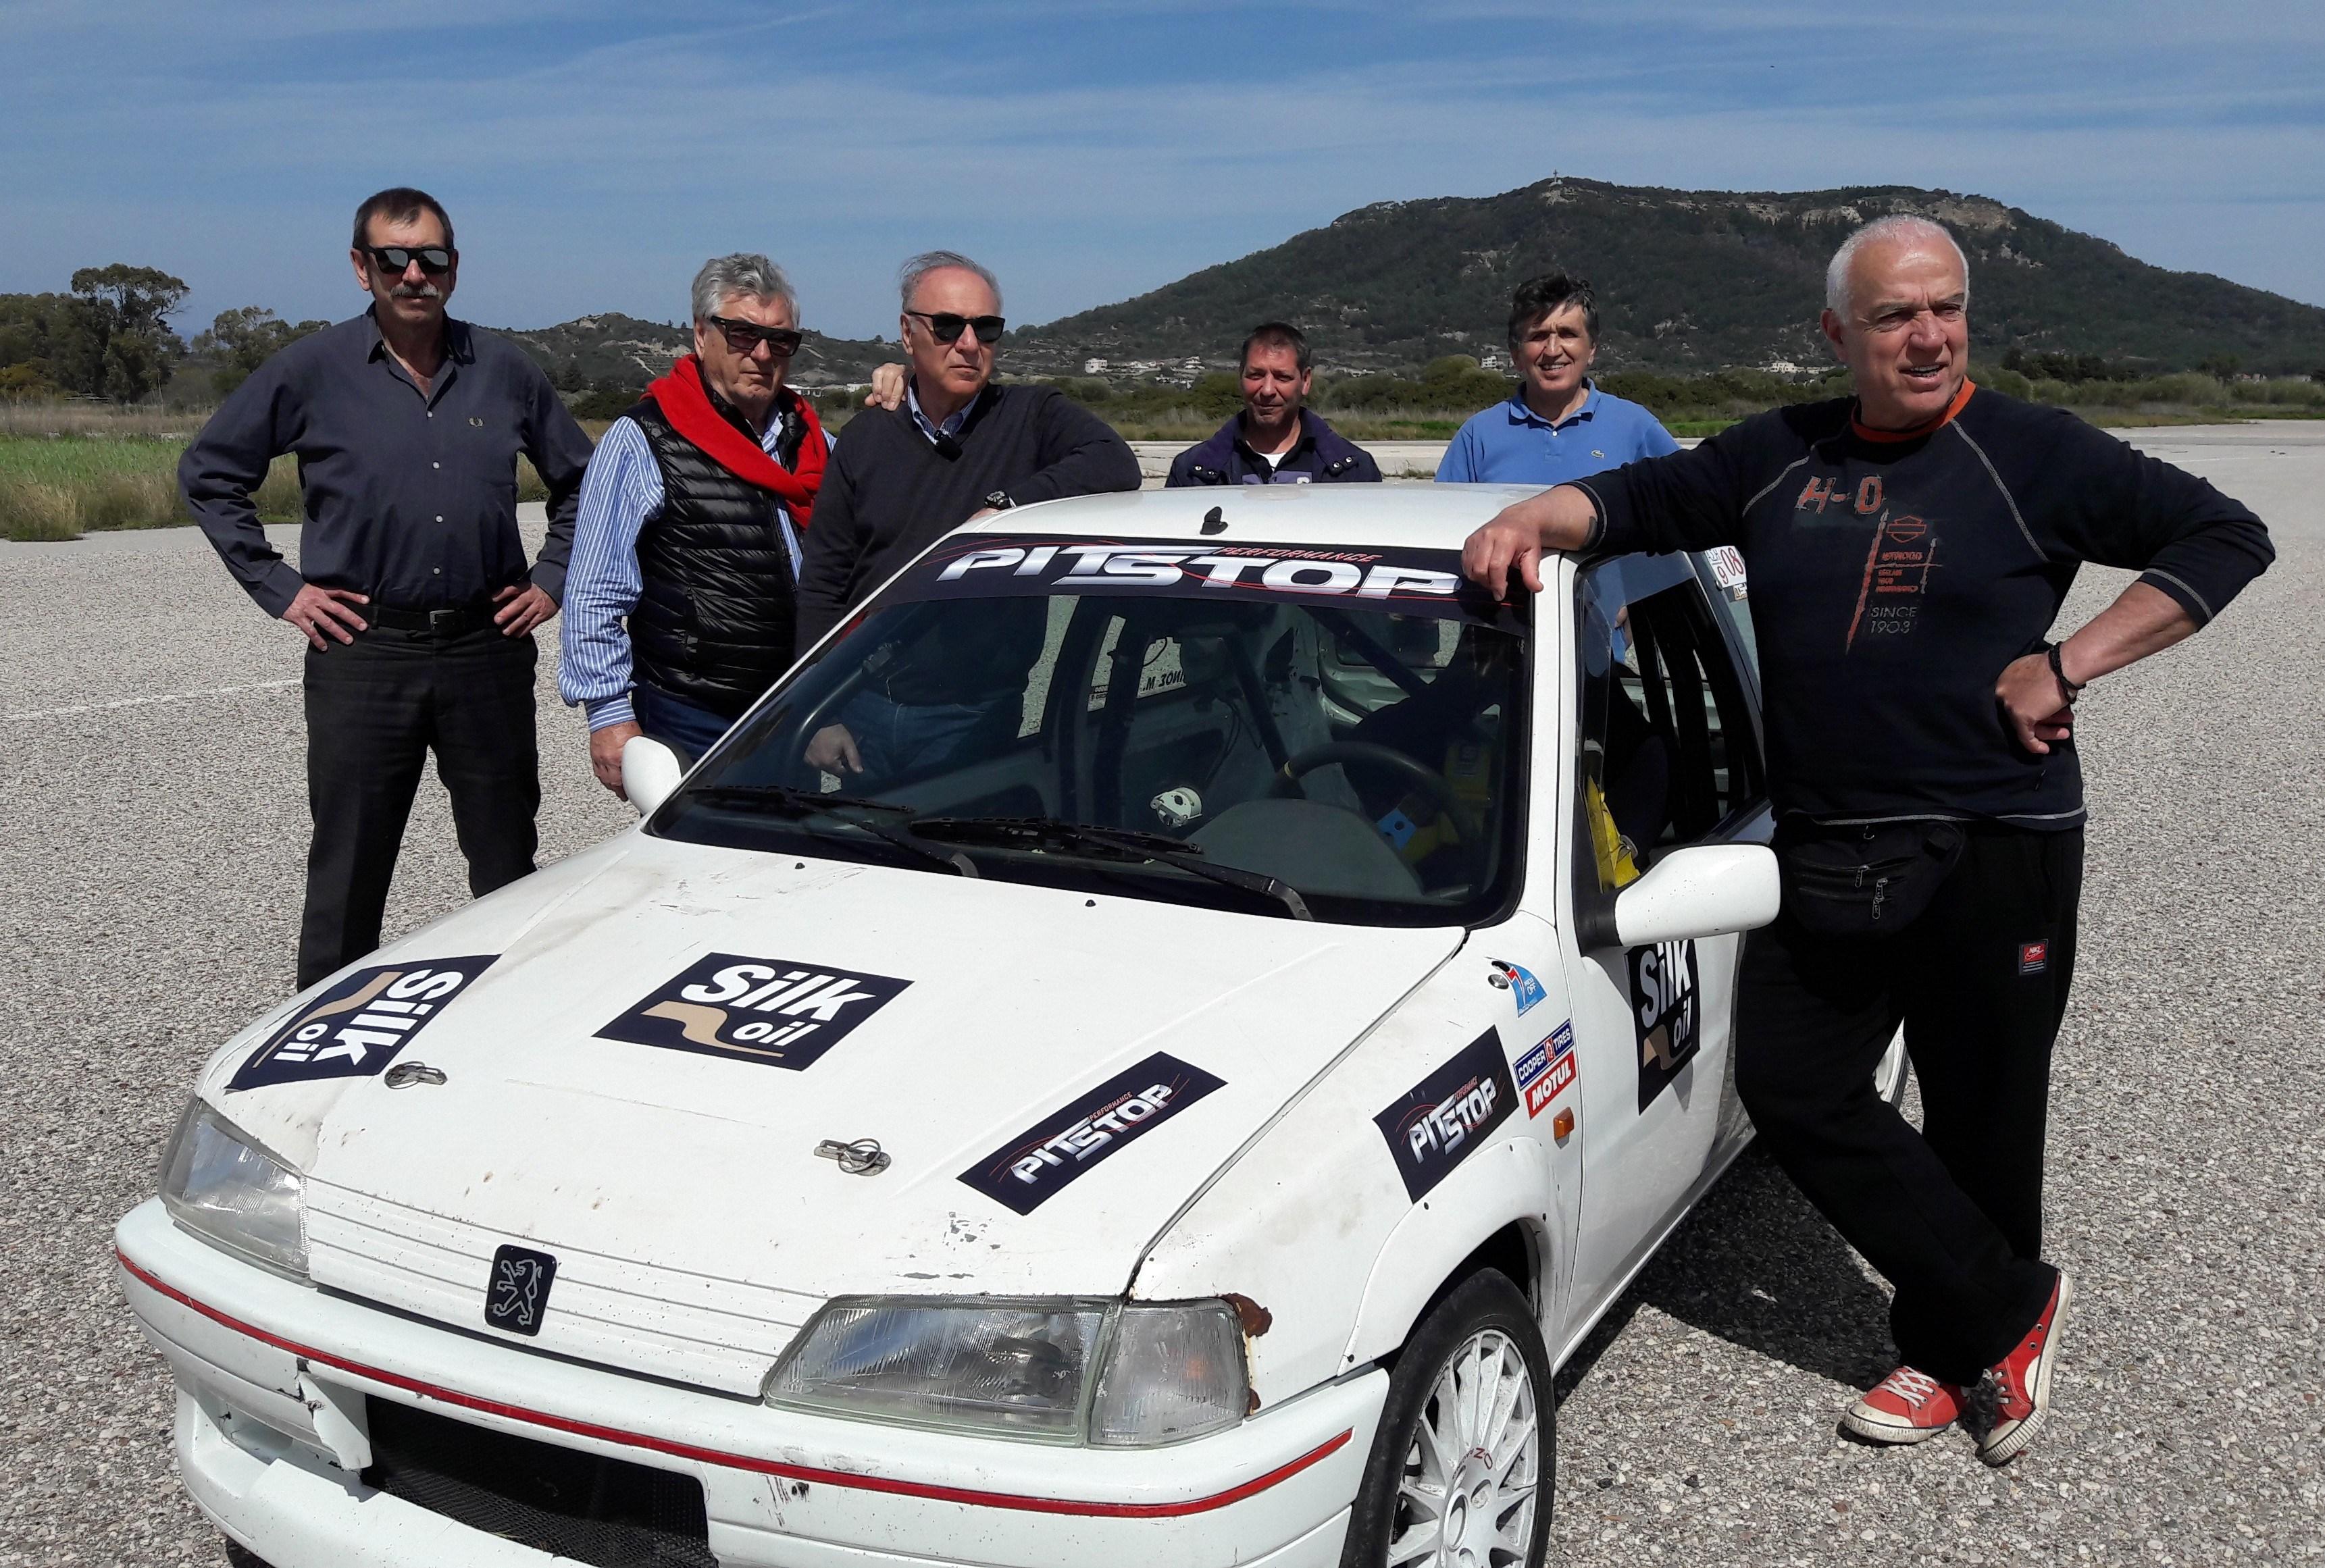 Αγώνας ταχύτητας αυτοκίνητων στις 5-6 Μαΐου στο αεροδρόμιο των Μαριτσών